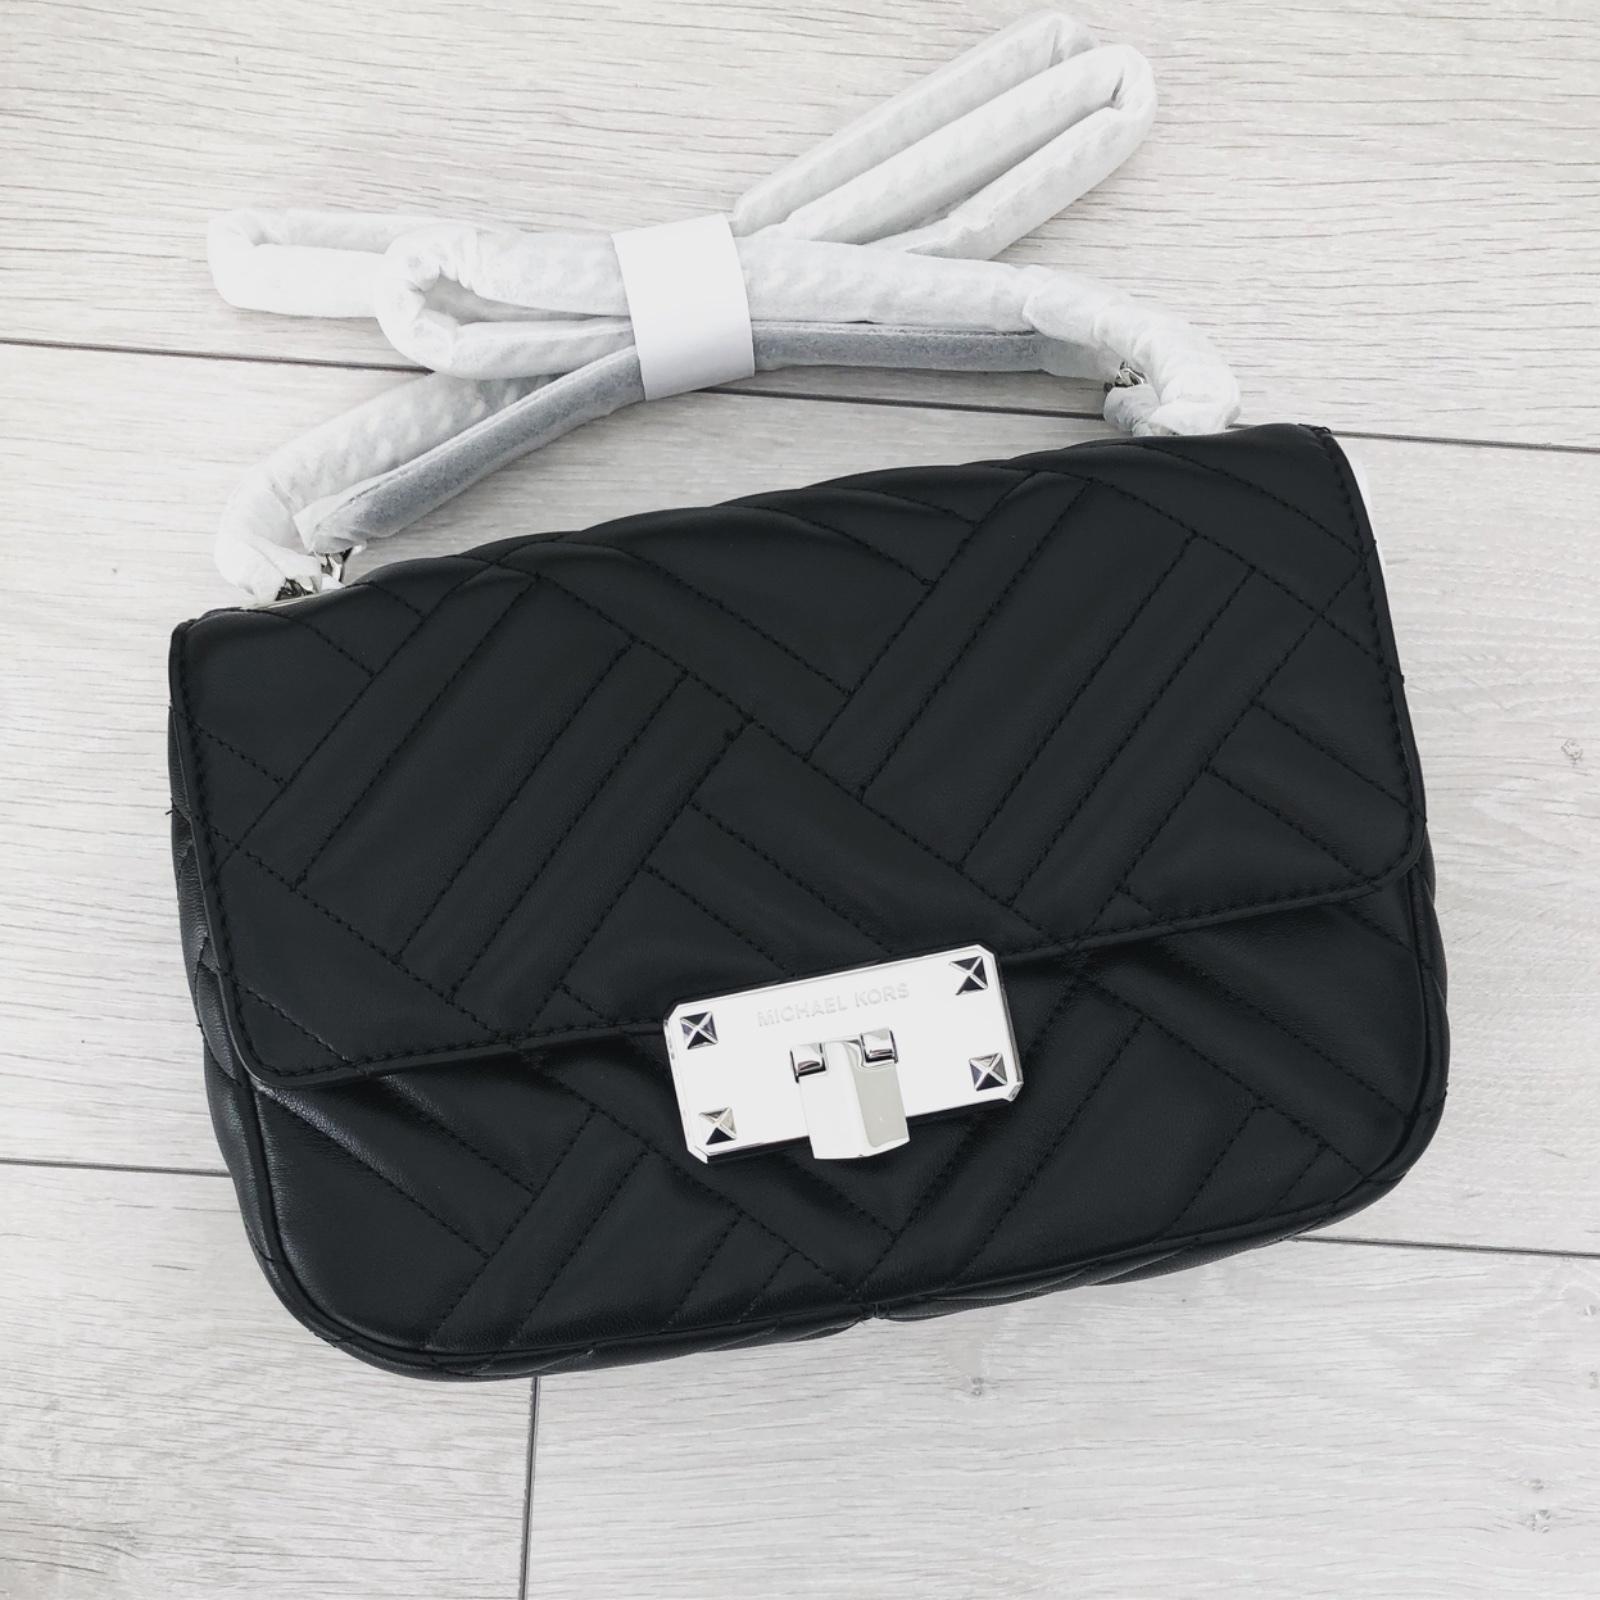 ef007c482 Luxusná michael kors kabelka, originál, doklad, - 209 € od predávajúcej  elegancy | Detský bazár | ModryKonik.sk